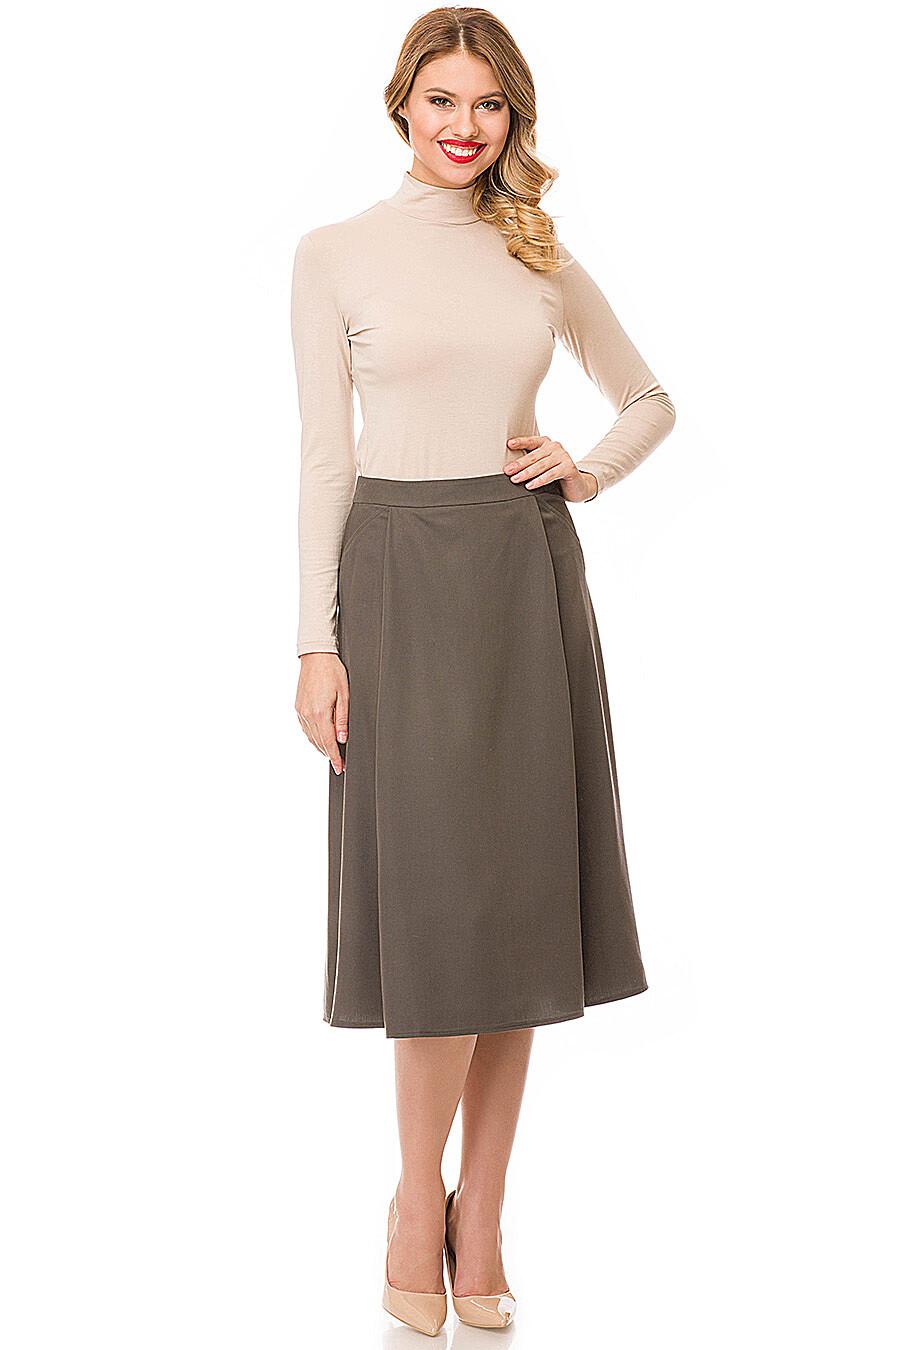 Юбка для женщин Vemina 81946 купить оптом от производителя. Совместная покупка женской одежды в OptMoyo